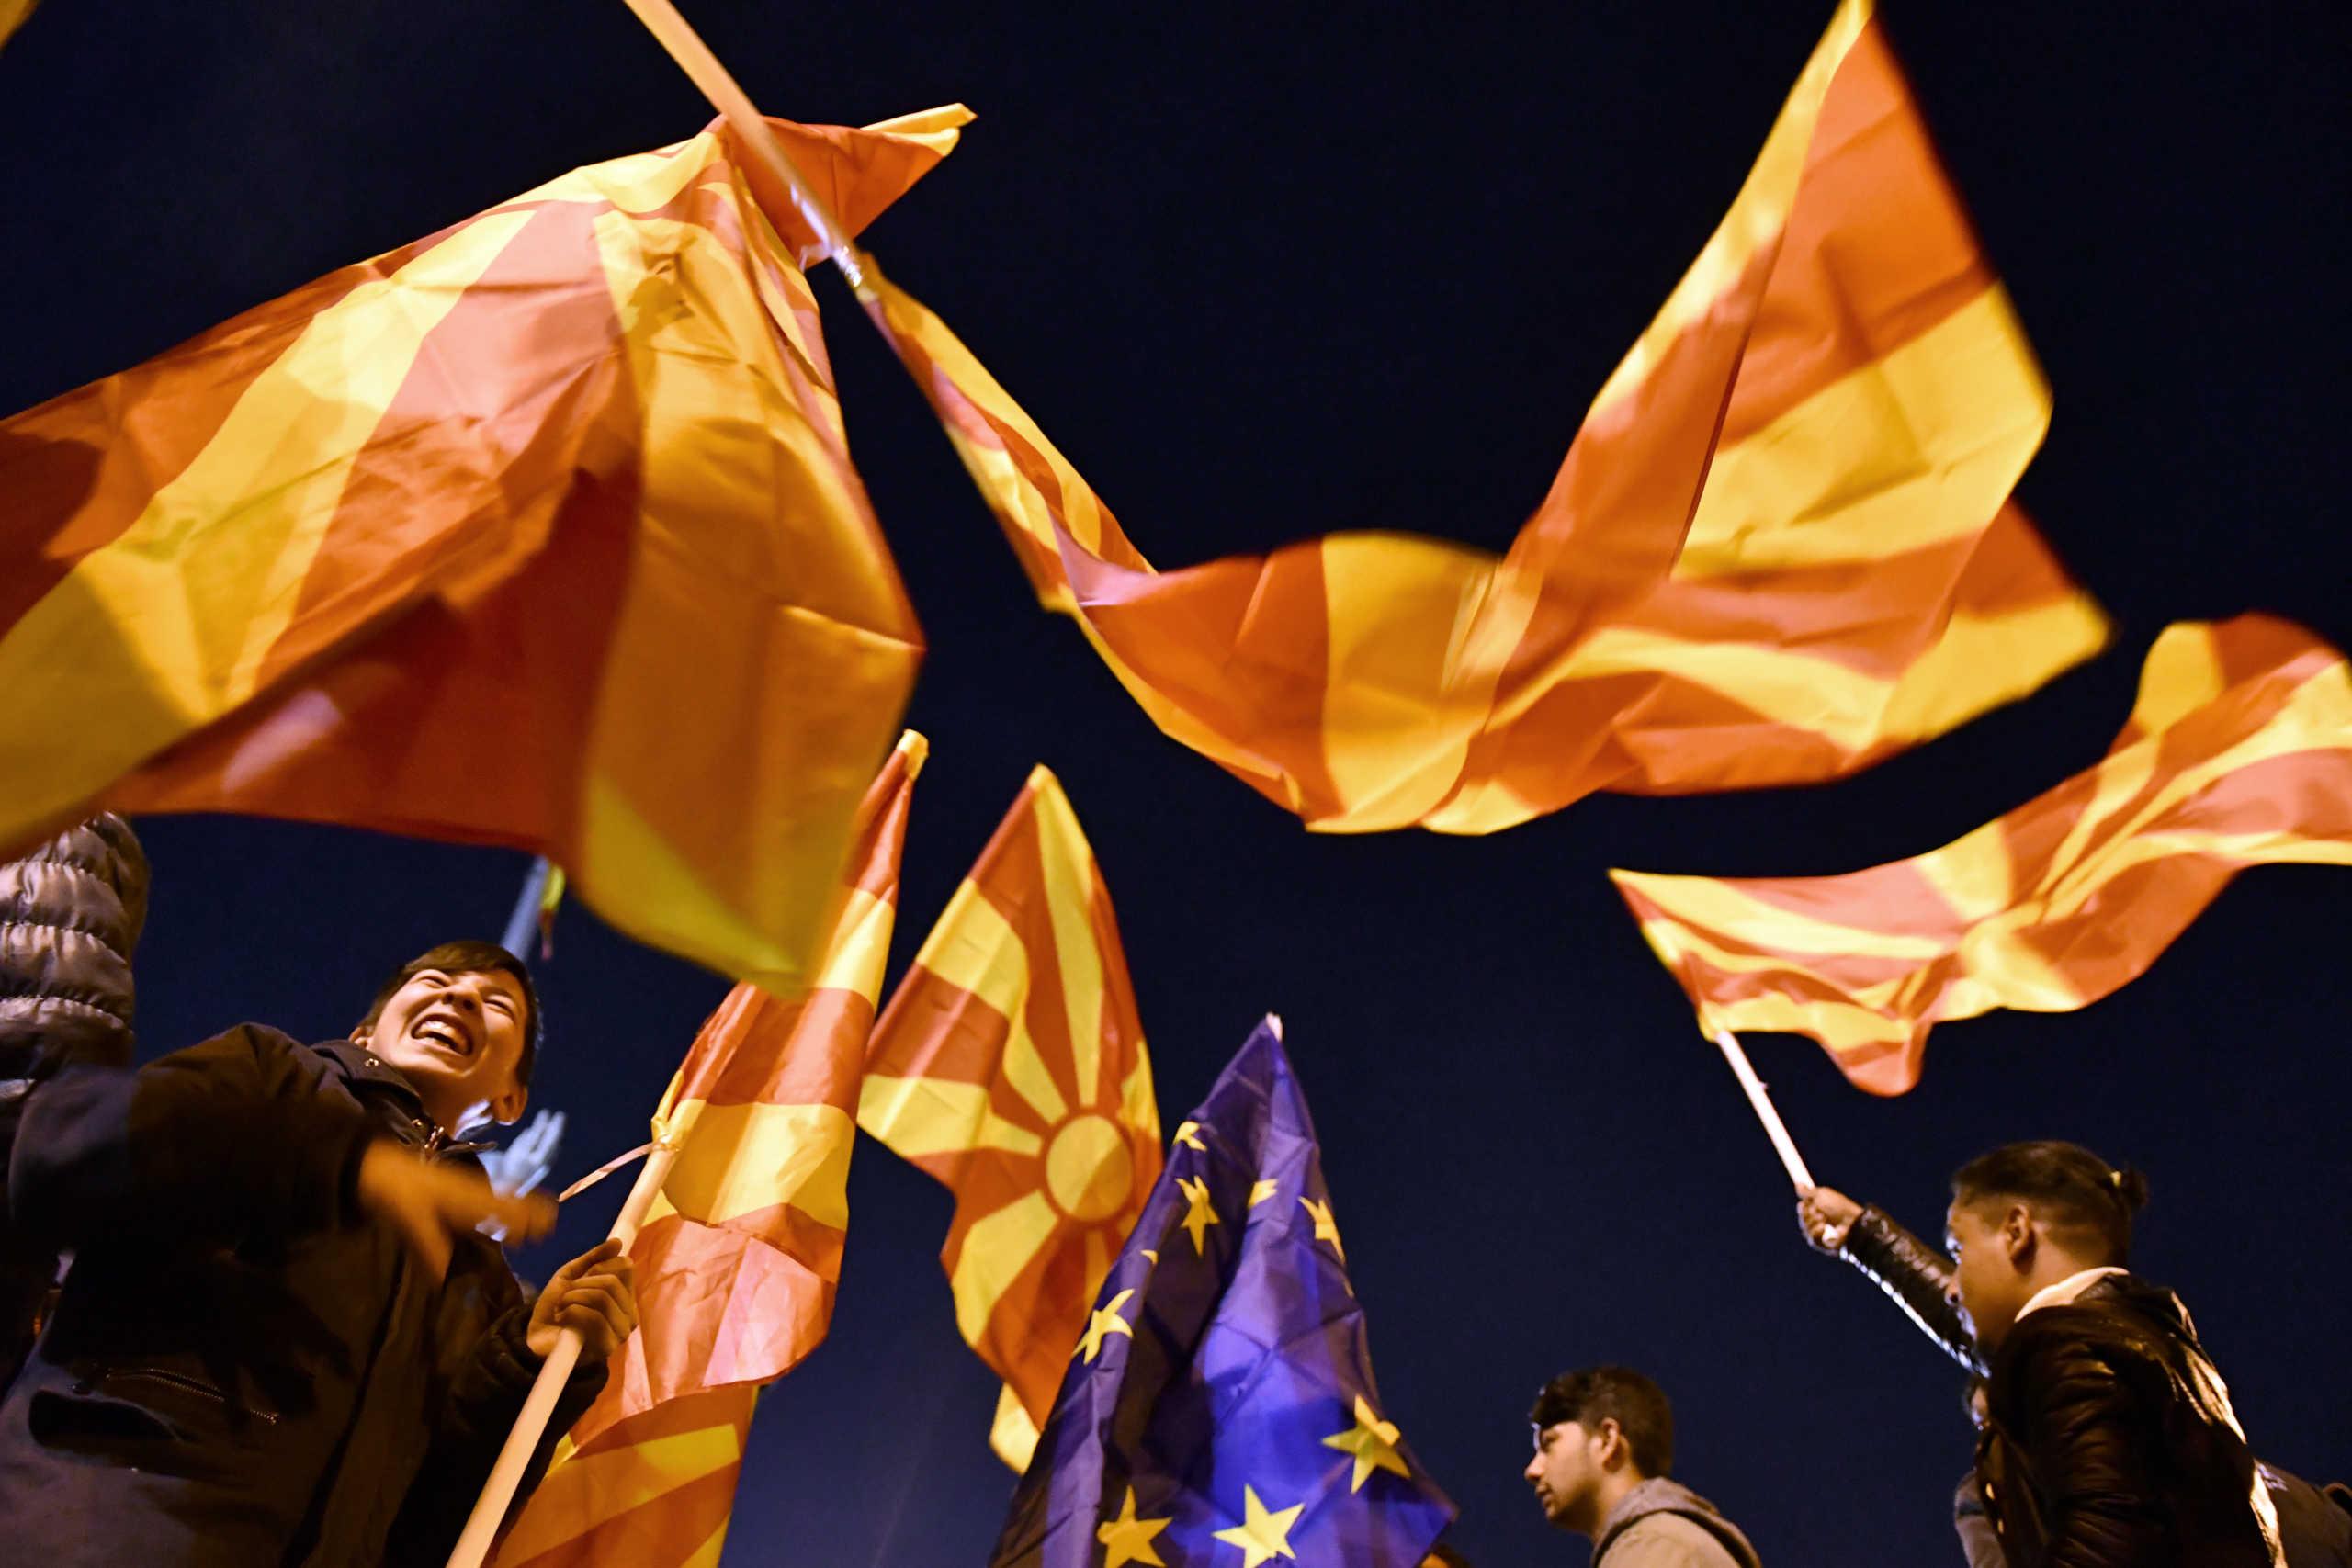 Μήνυμα ΗΠΑ σε Βόρεια Μακεδονία: Μονόδρομος για ένταξη σε ΕΕ και ΝΑΤΟ η Συμφωνία των Πρεσπών